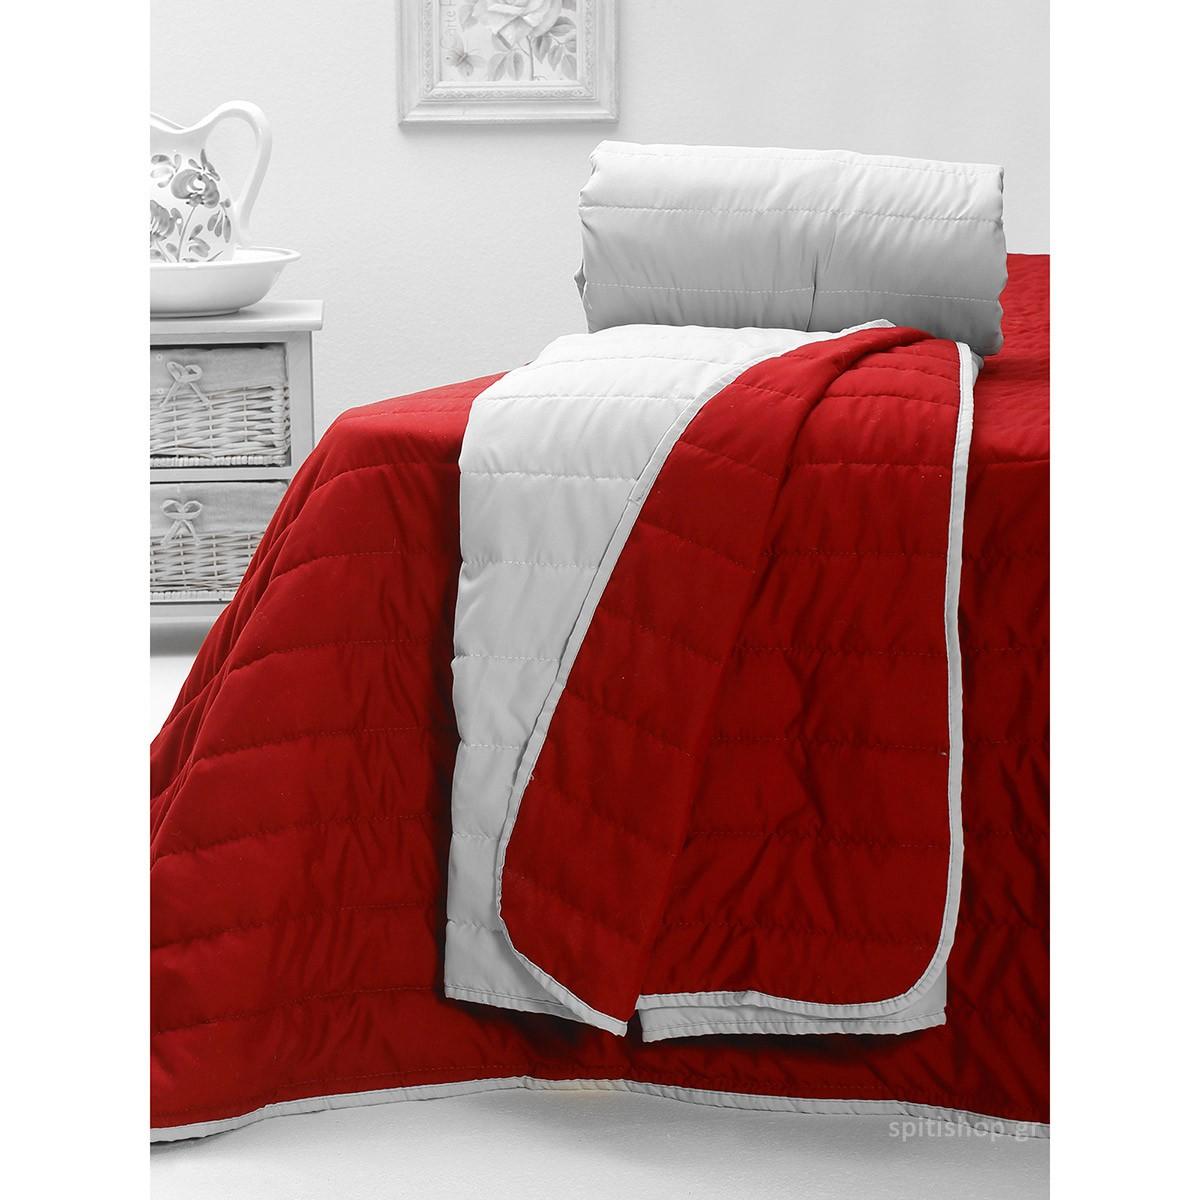 Κουβερλί Υπέρδιπλο 2Όψεων Sb Home Cool Summer Red